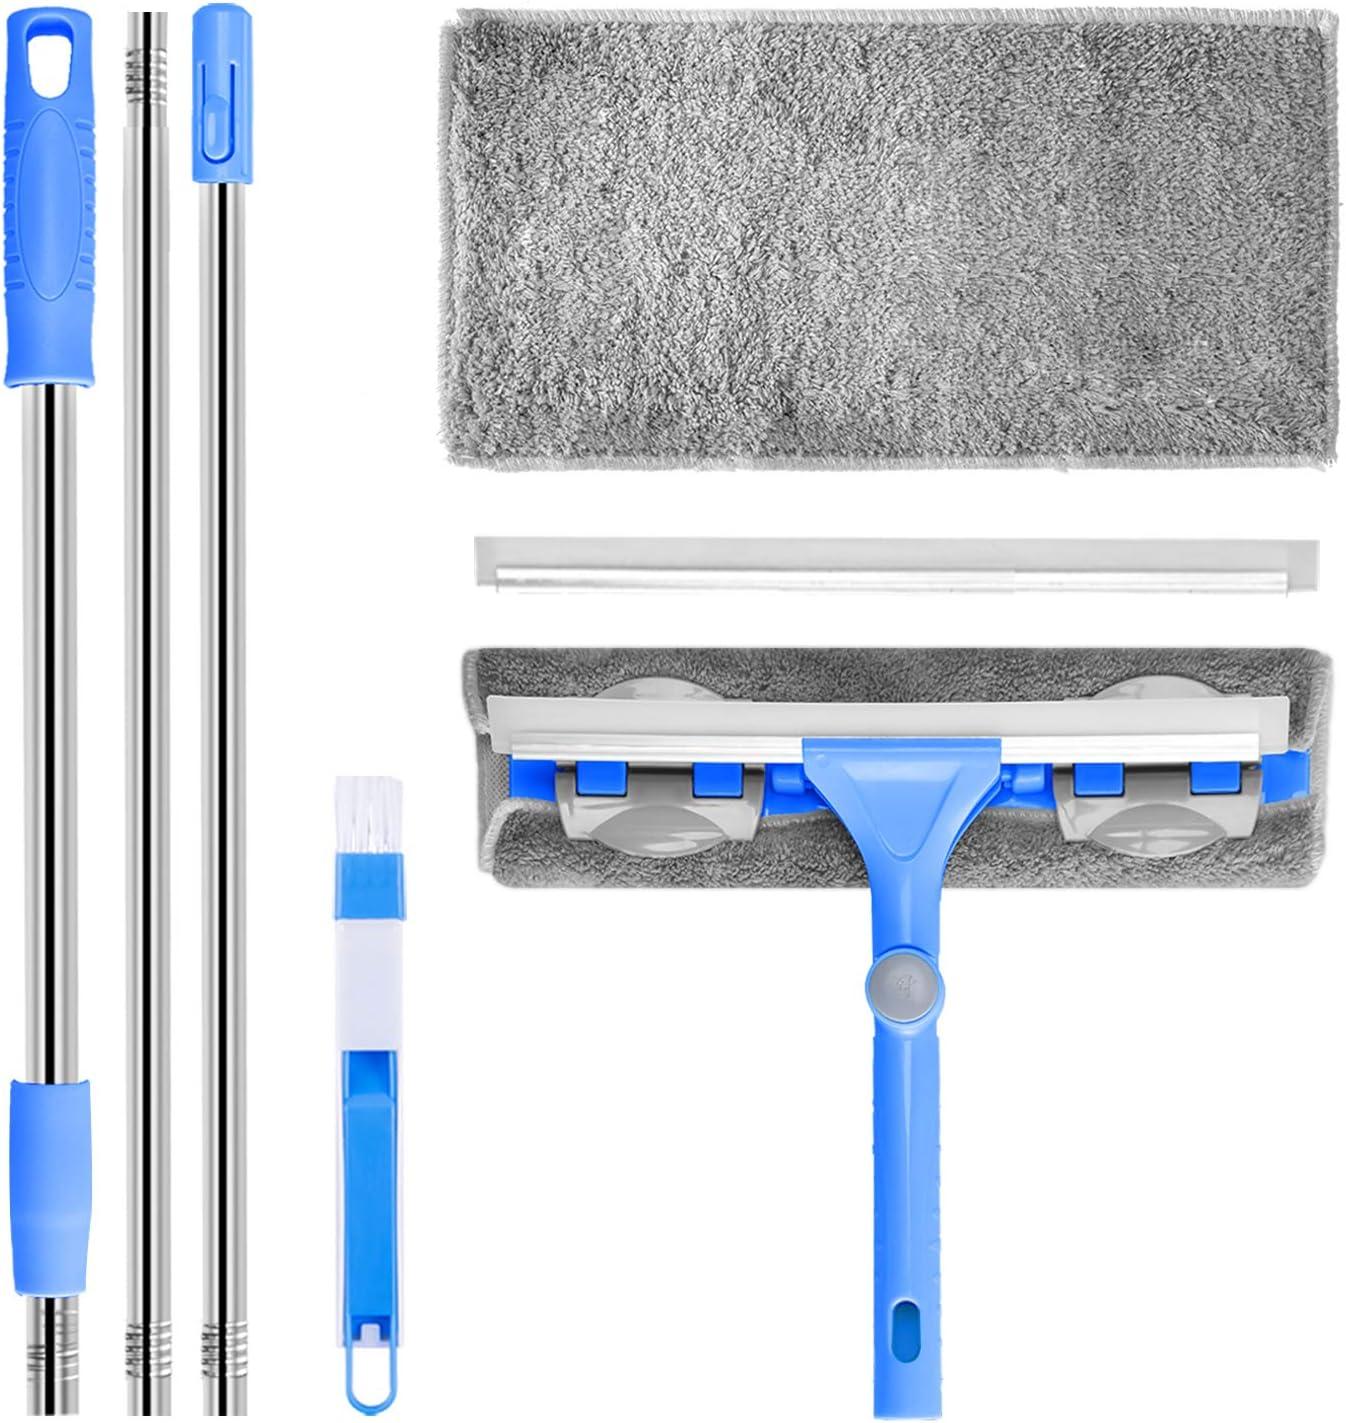 Lijia Lavavetri,pulisci vetri Magnetico Lavavetri telescopico con Fune Metallica anticaduta Testa tergicristallo Rotante a 360 Gradi Adatto per la Pulizia del Vetro di Interni ed Esterni